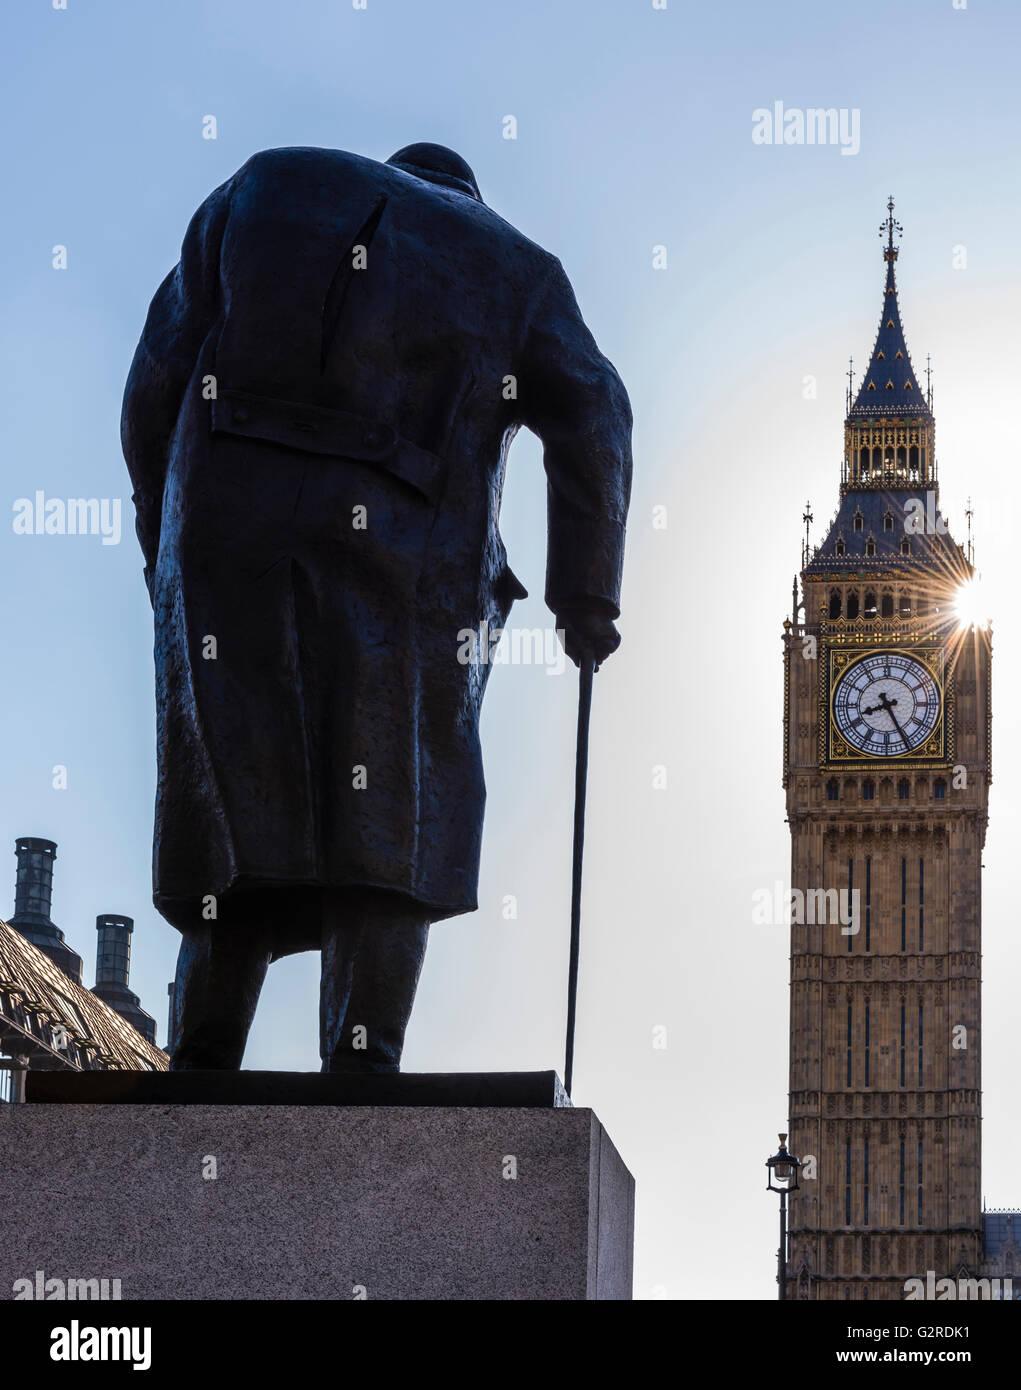 El sol brillaba junto a la Plaza del Parlamento y el Big Ben, Westminster, Londres, Reino Unido. Foto de stock